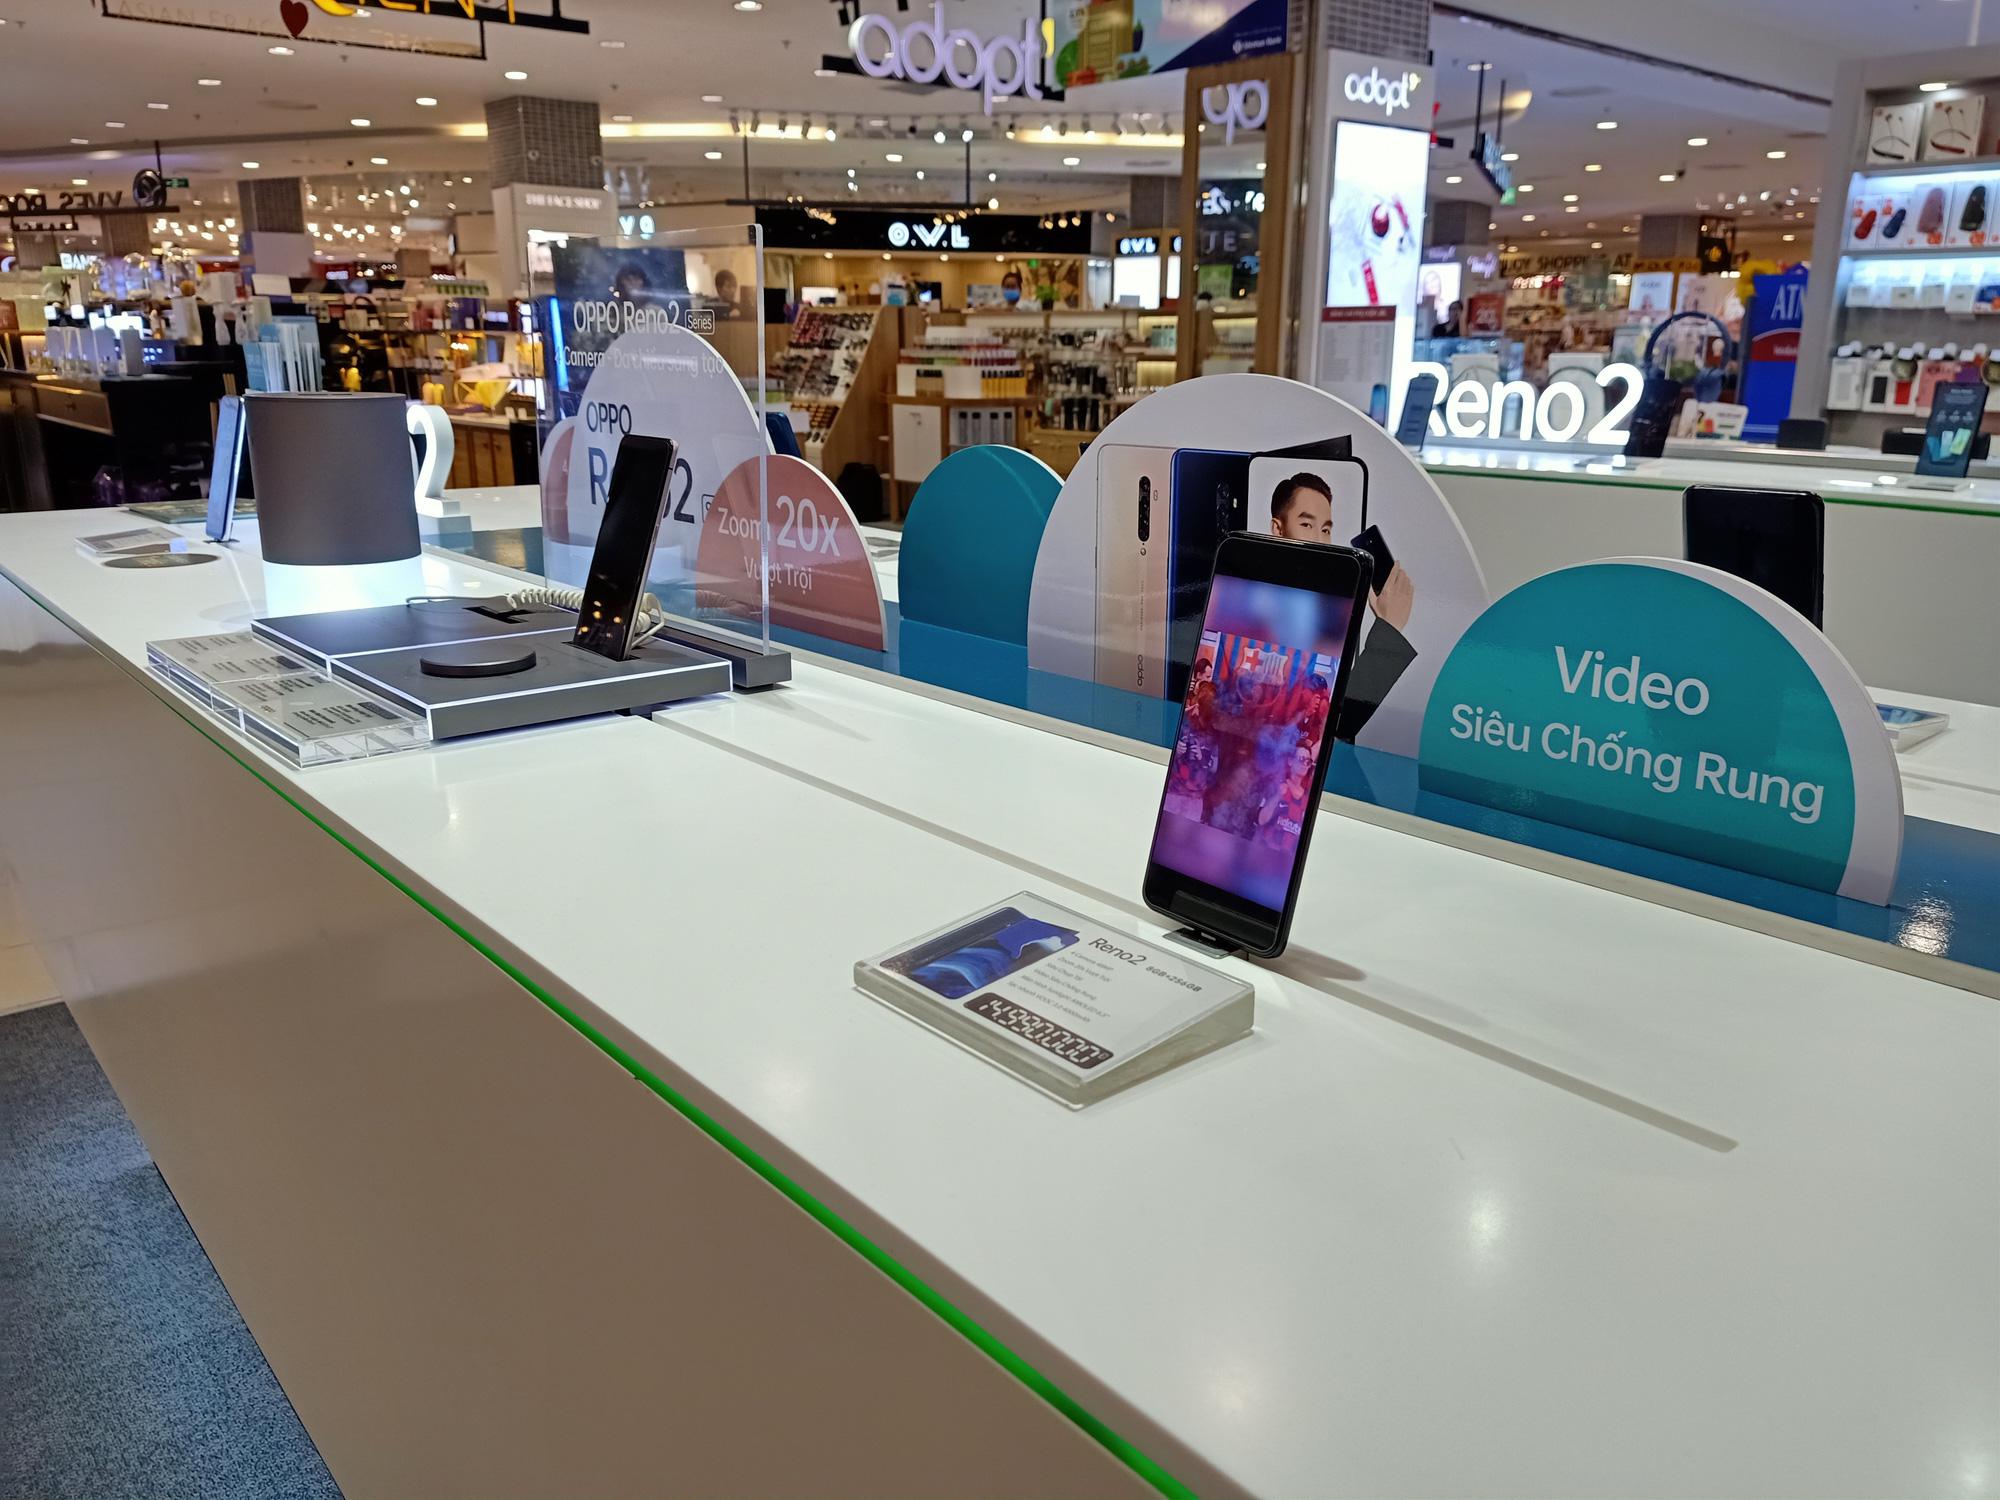 Điện thoại giảm giá: iPhone có nhiều ưu đãi vượt mặt Android - Ảnh 2.